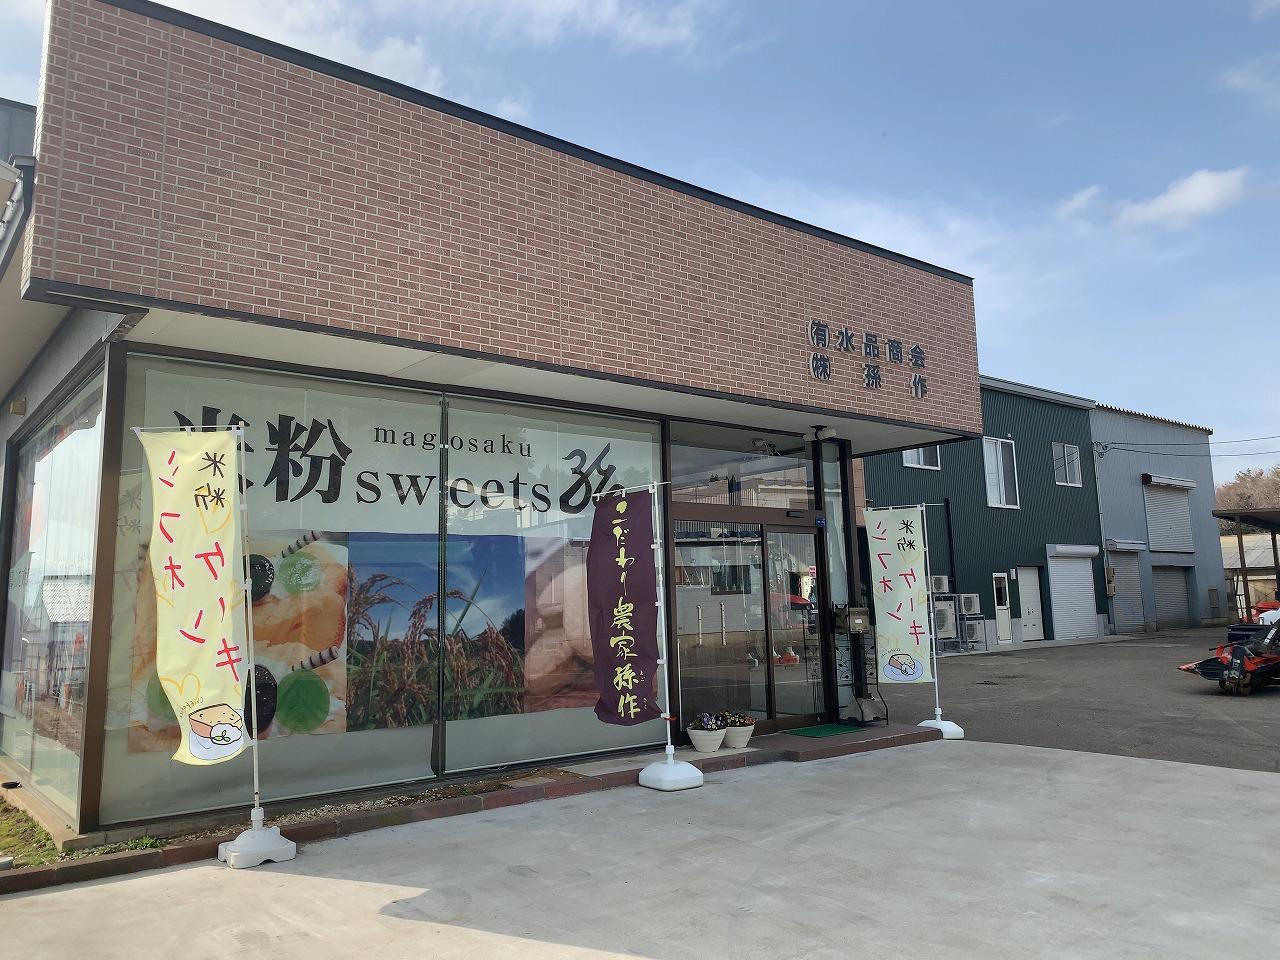 新潟県刈羽村 こだわり農家 孫作 米粉スイーツのお店